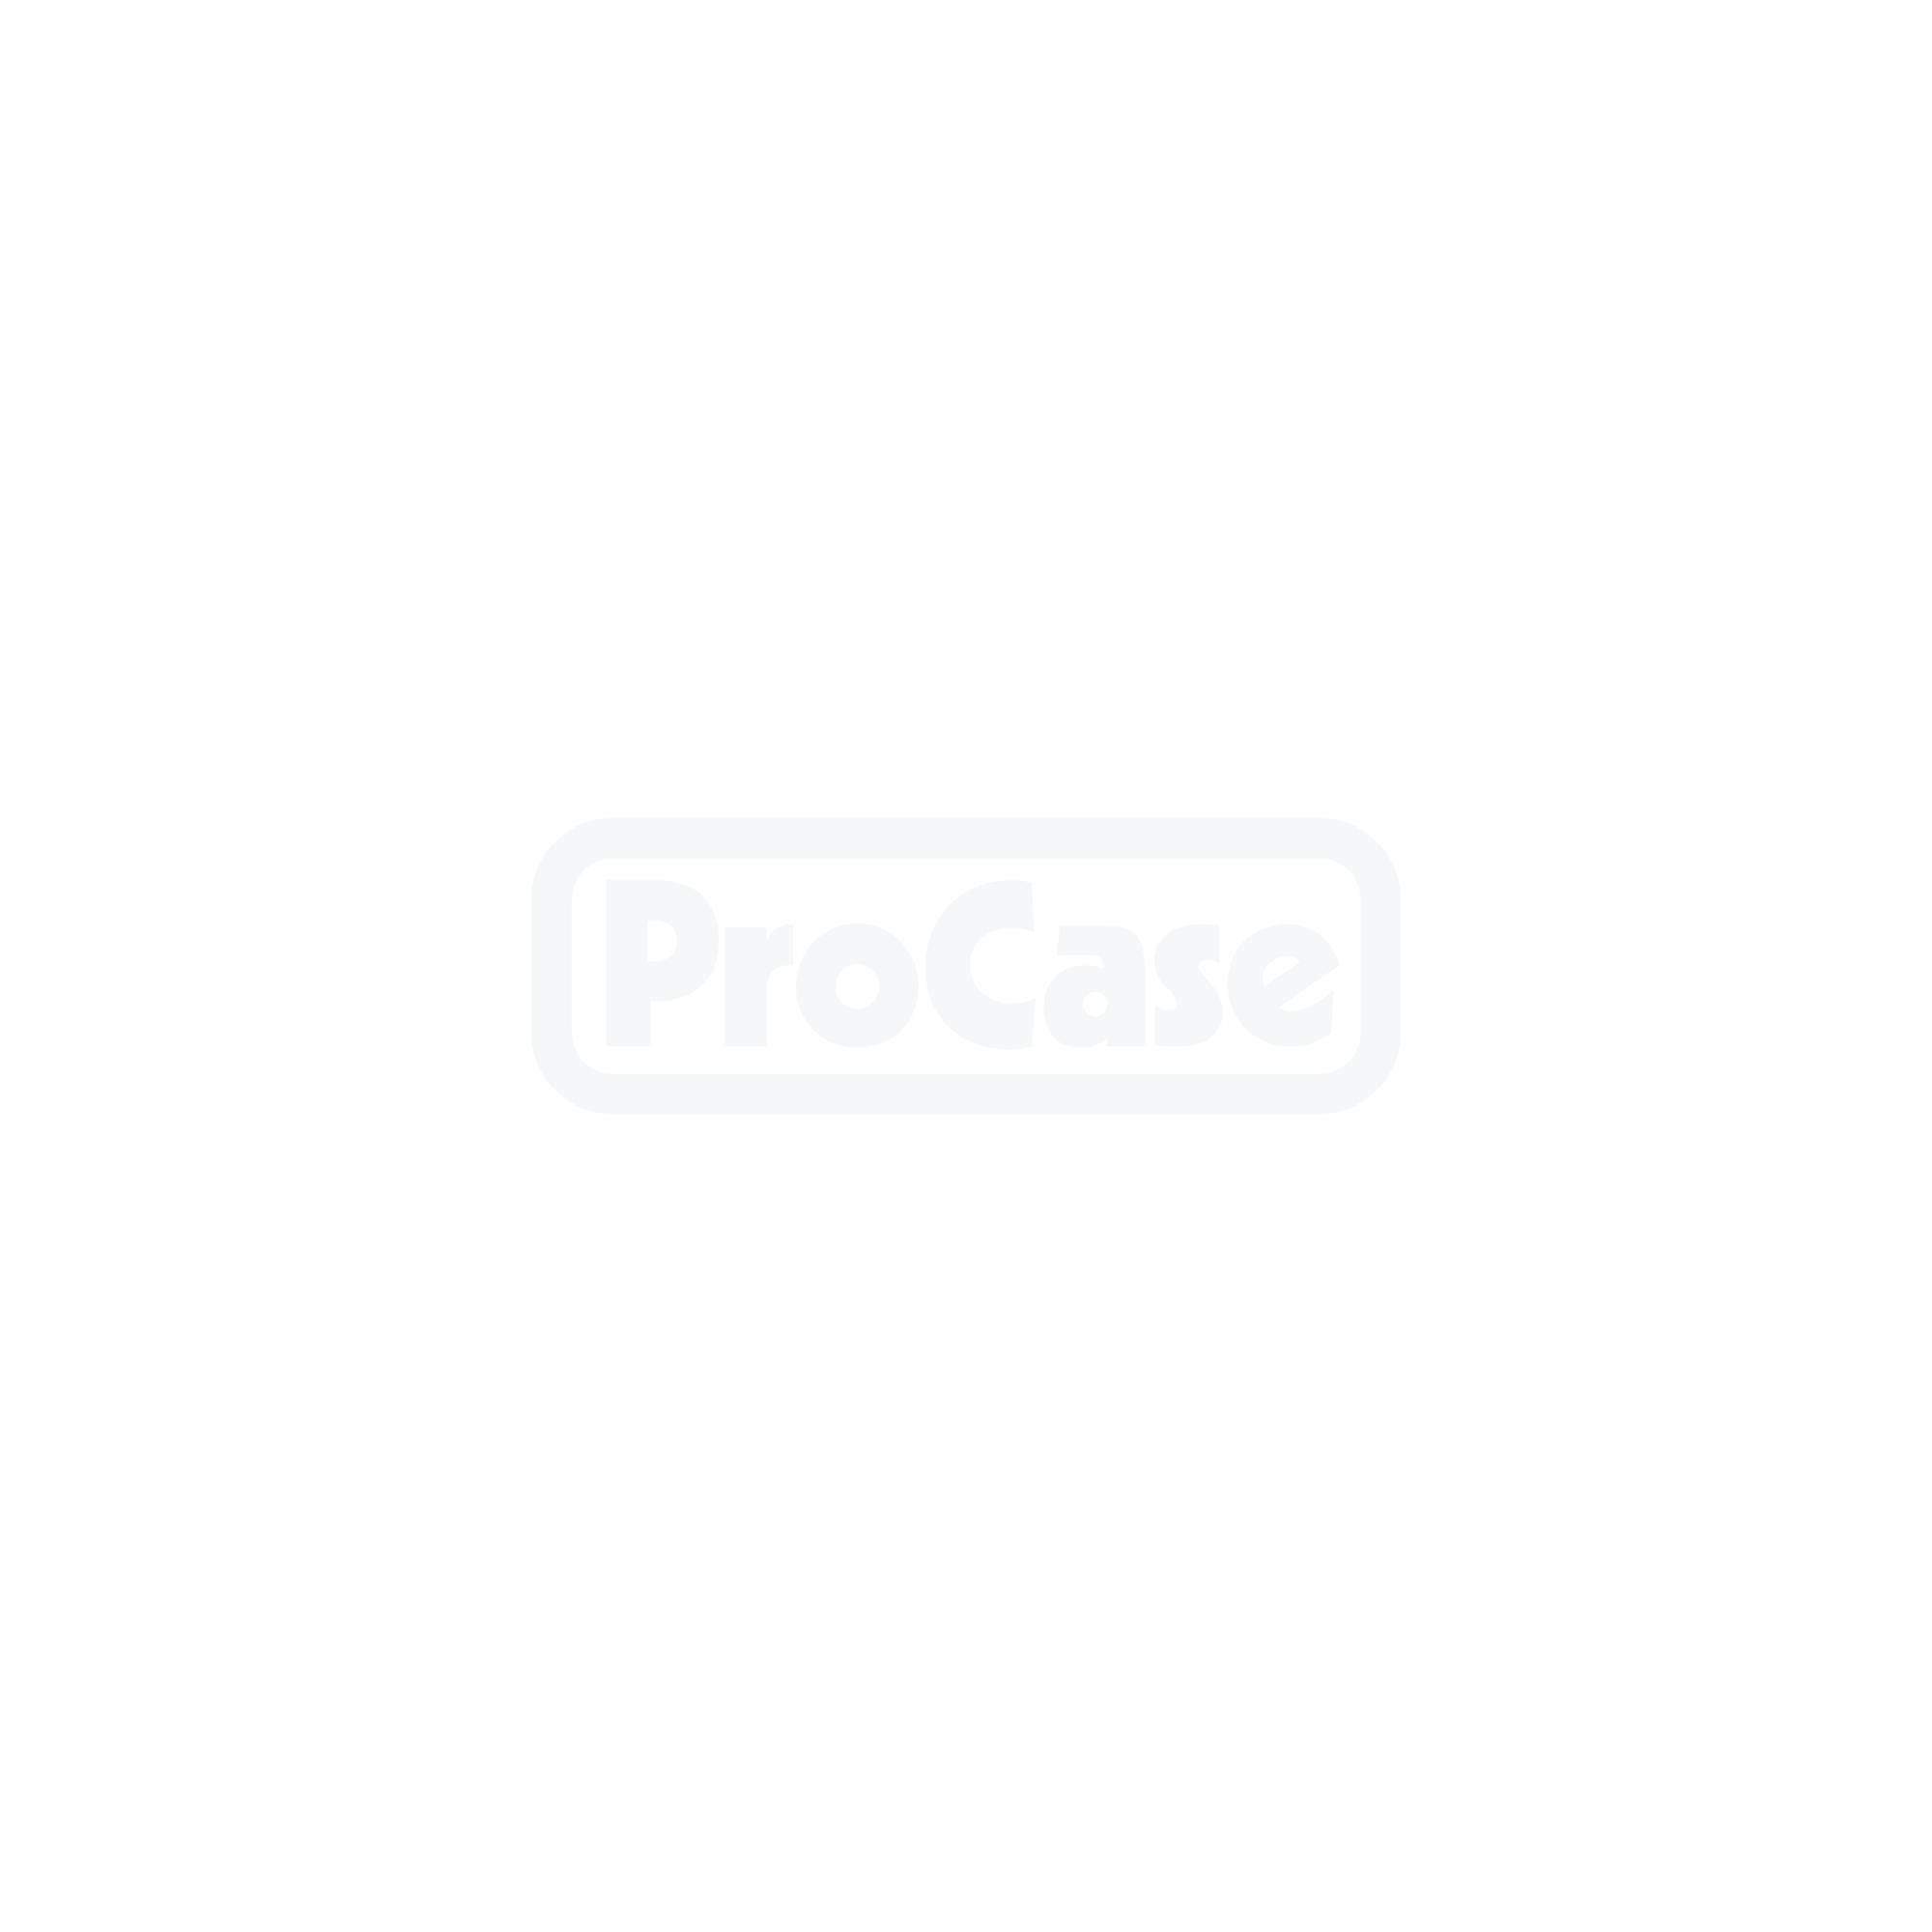 B-Ware Flightcase Transportkoffer mit Filzauskleidung